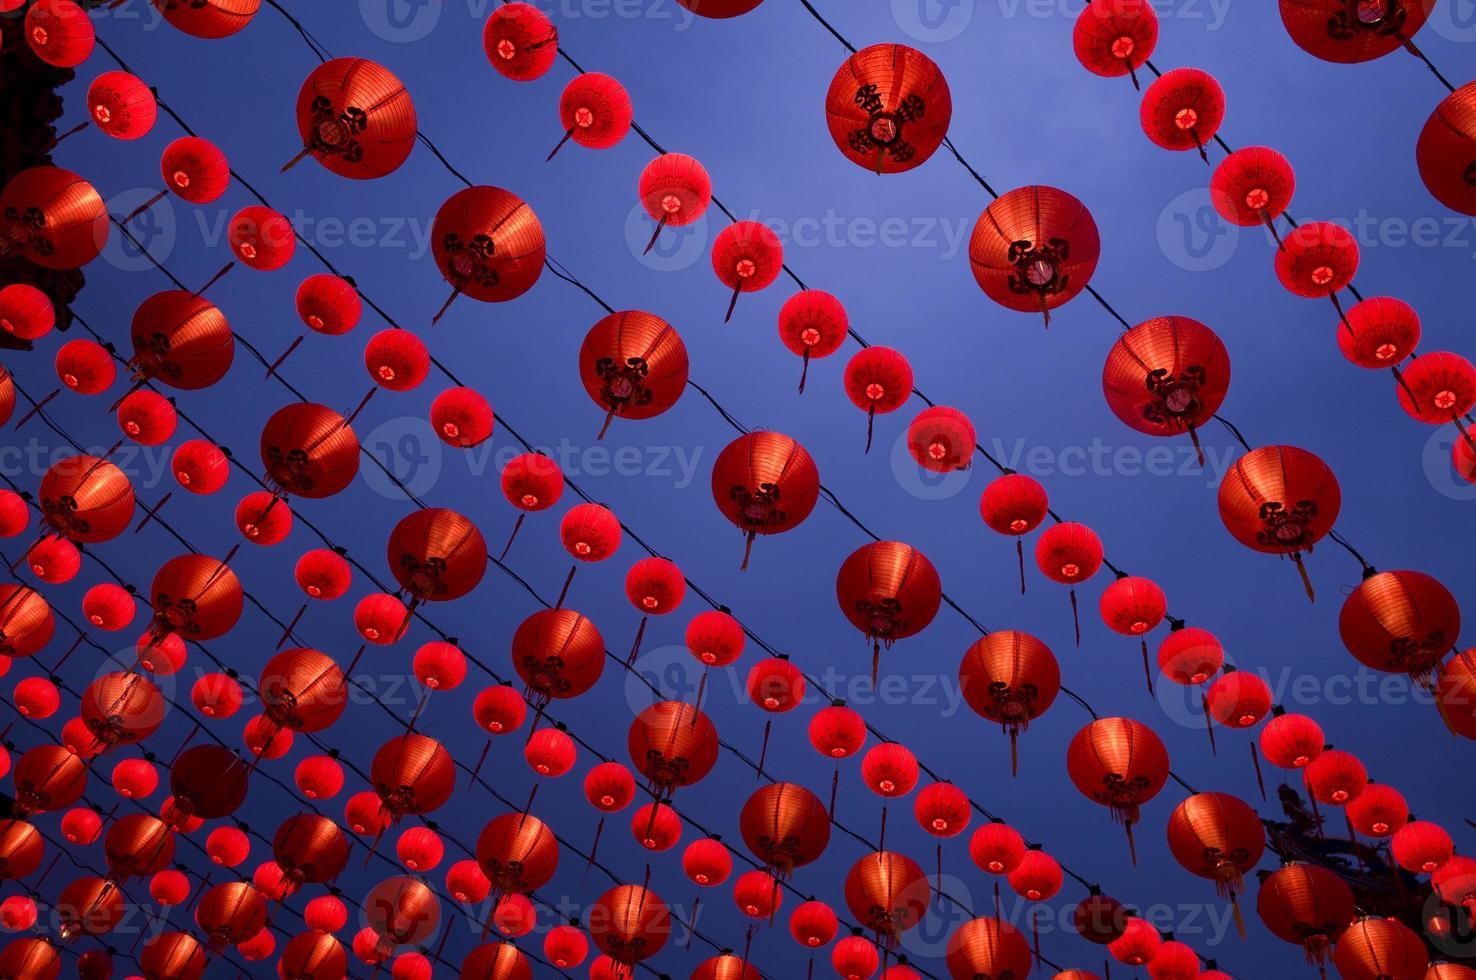 Red lanterns photo